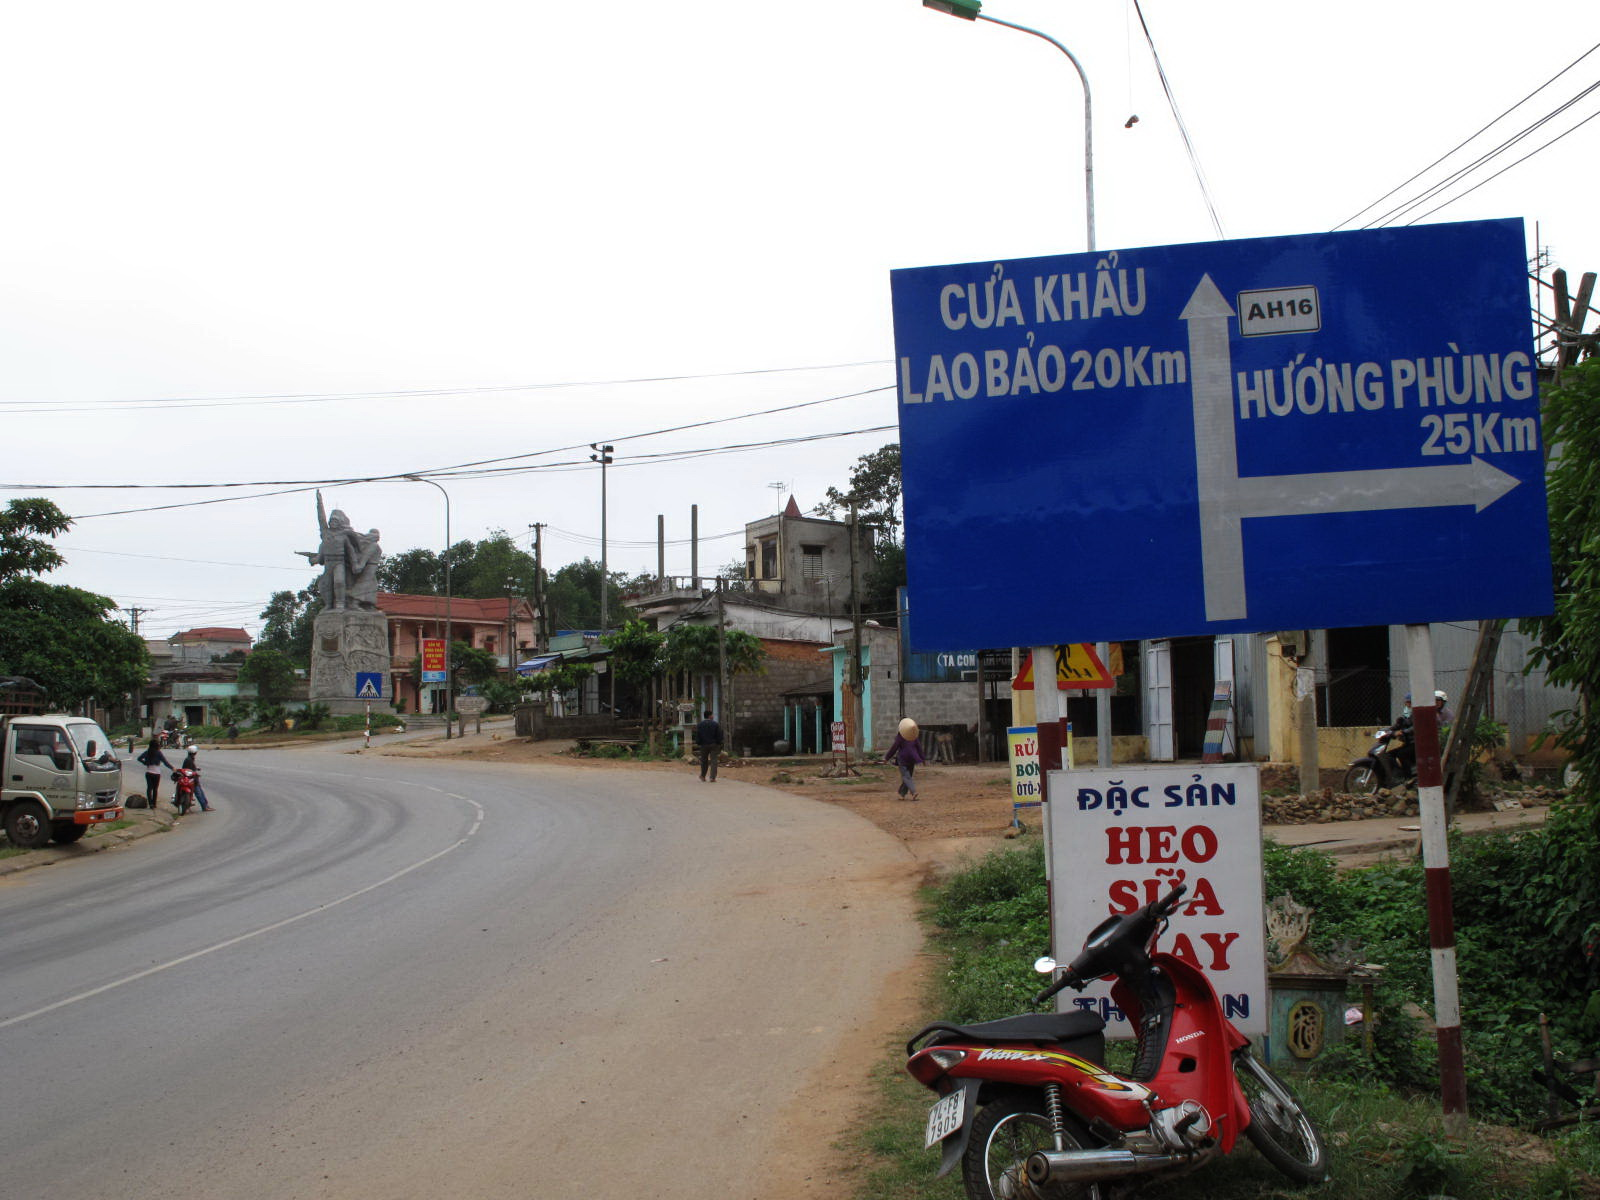 Bestcargo tổ chức vận chuyển hàng hóa đi Viêng Chăn qua cửa khẩu Lao Bảo